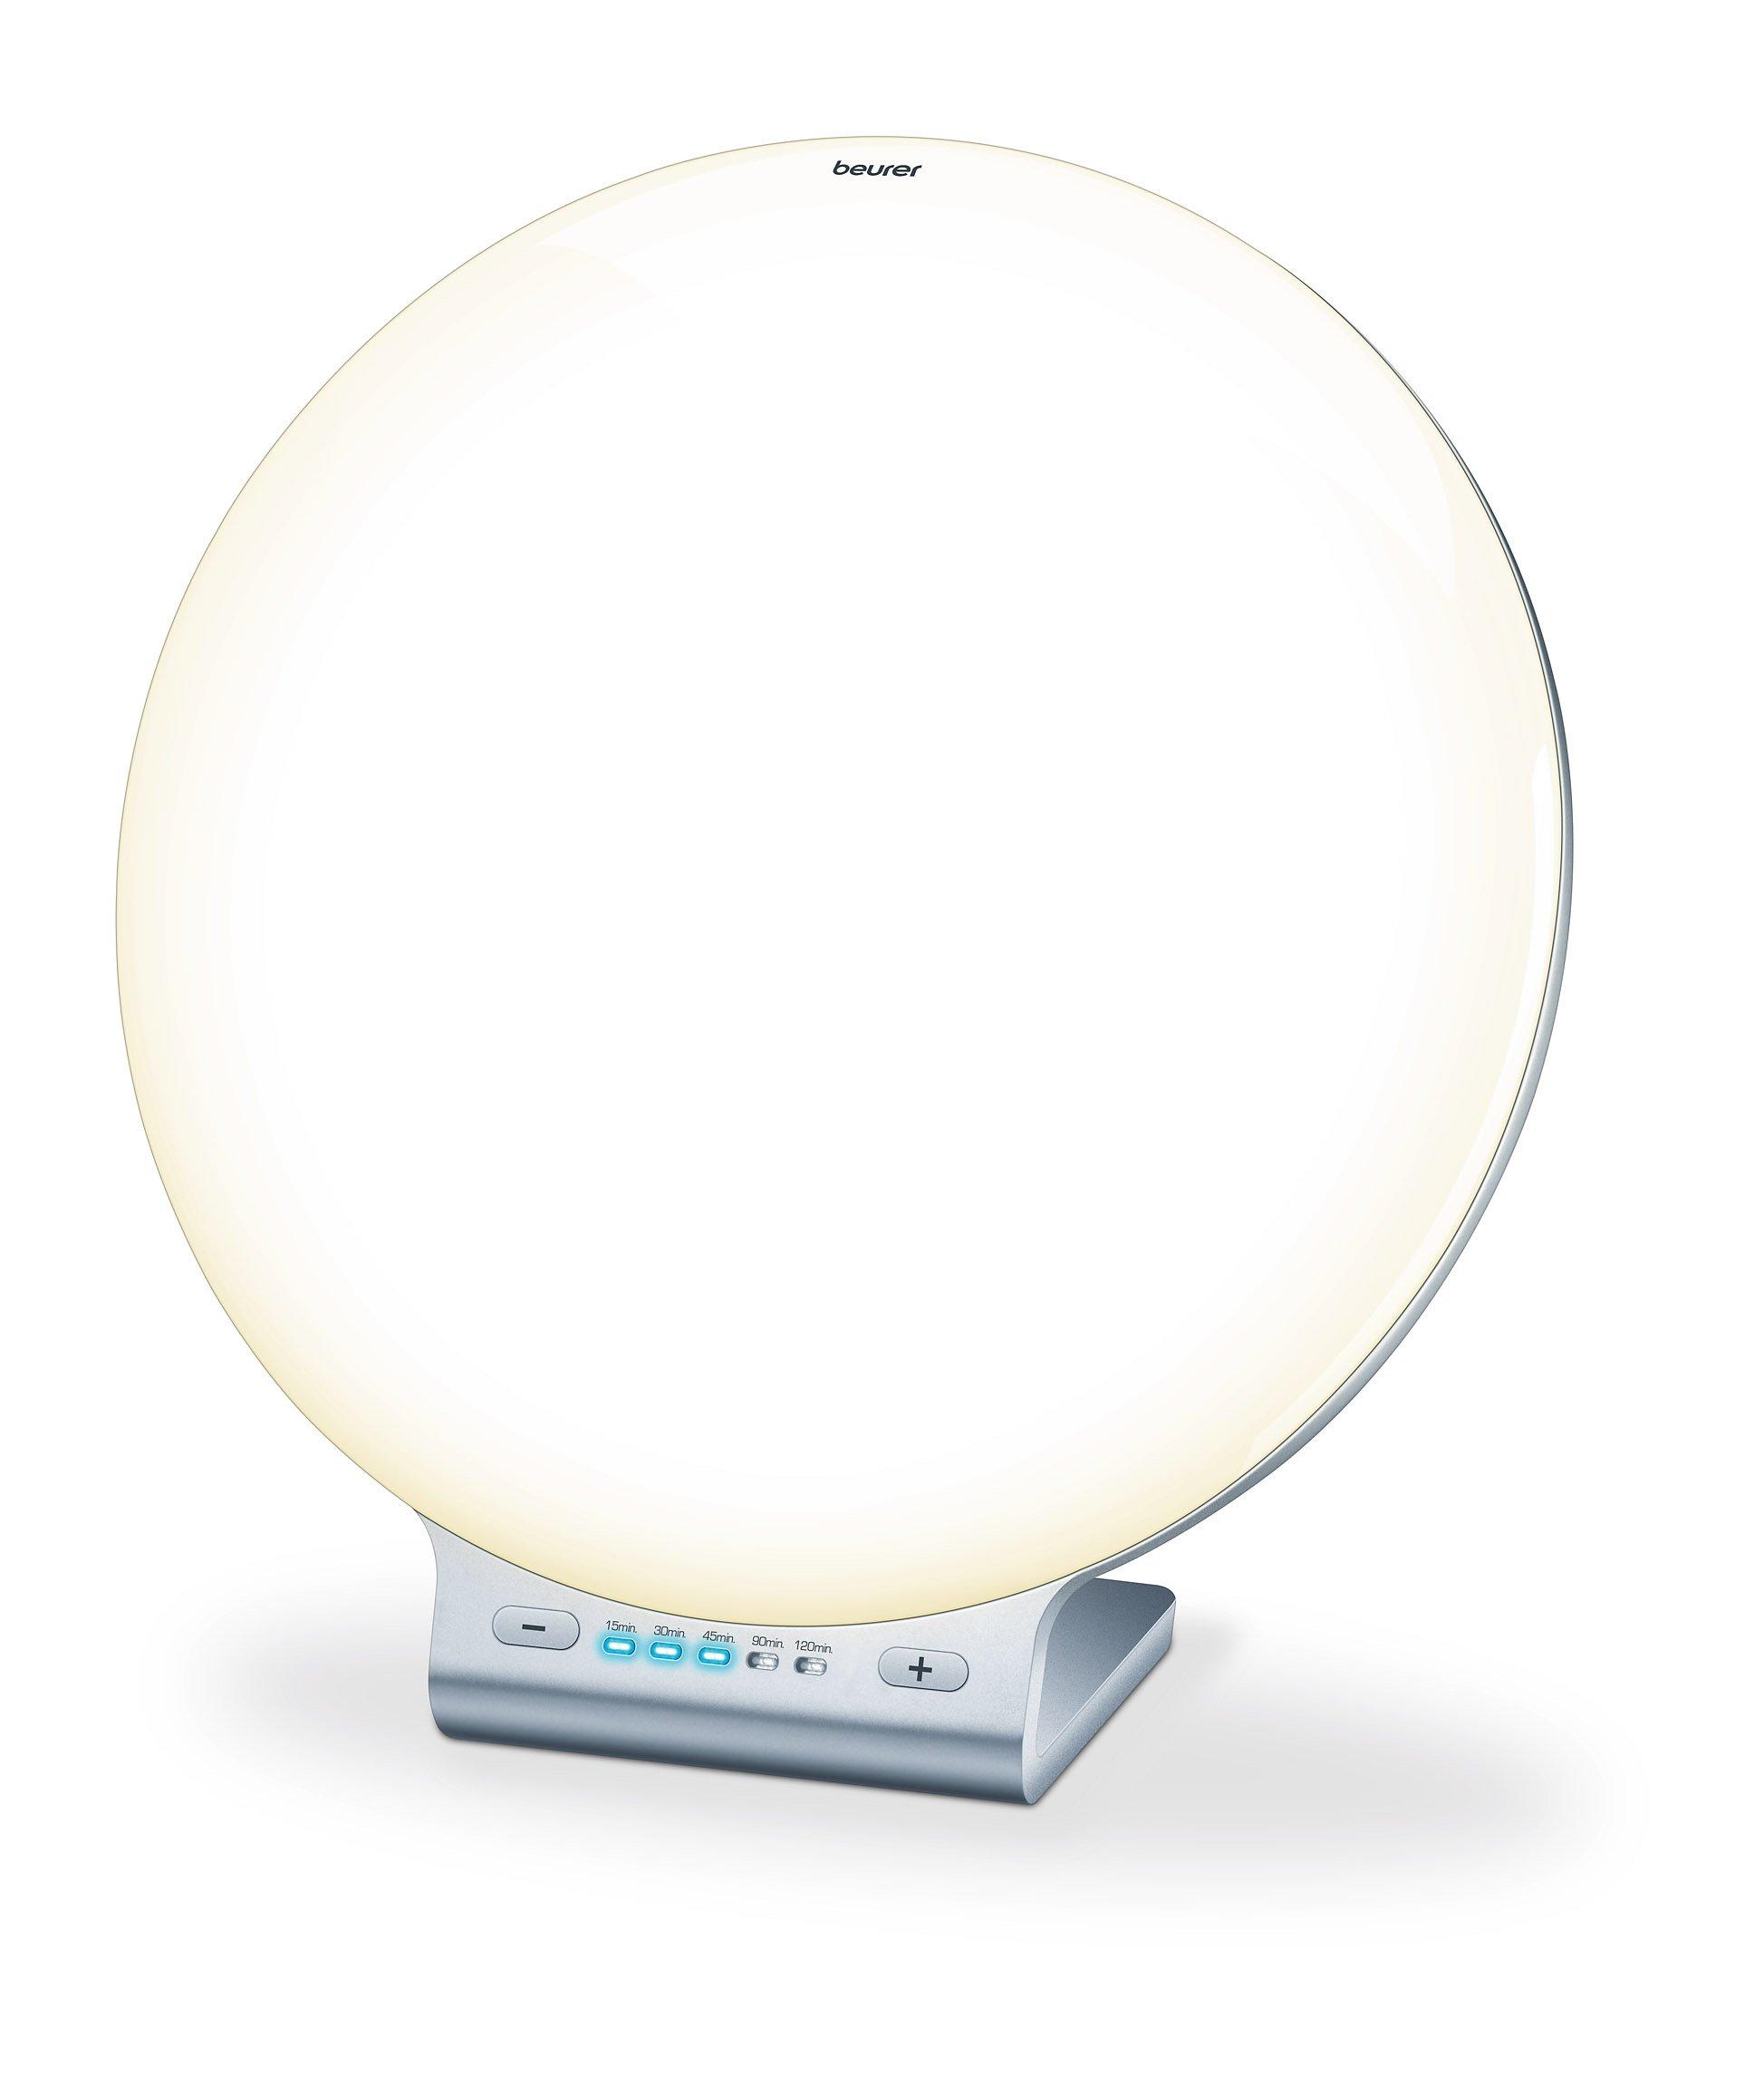 Beurer TL 70 Tageslichtlampe, Tageslichtsimulation zur Steigerung des Wohlbefindens an dunklen Tagen product image